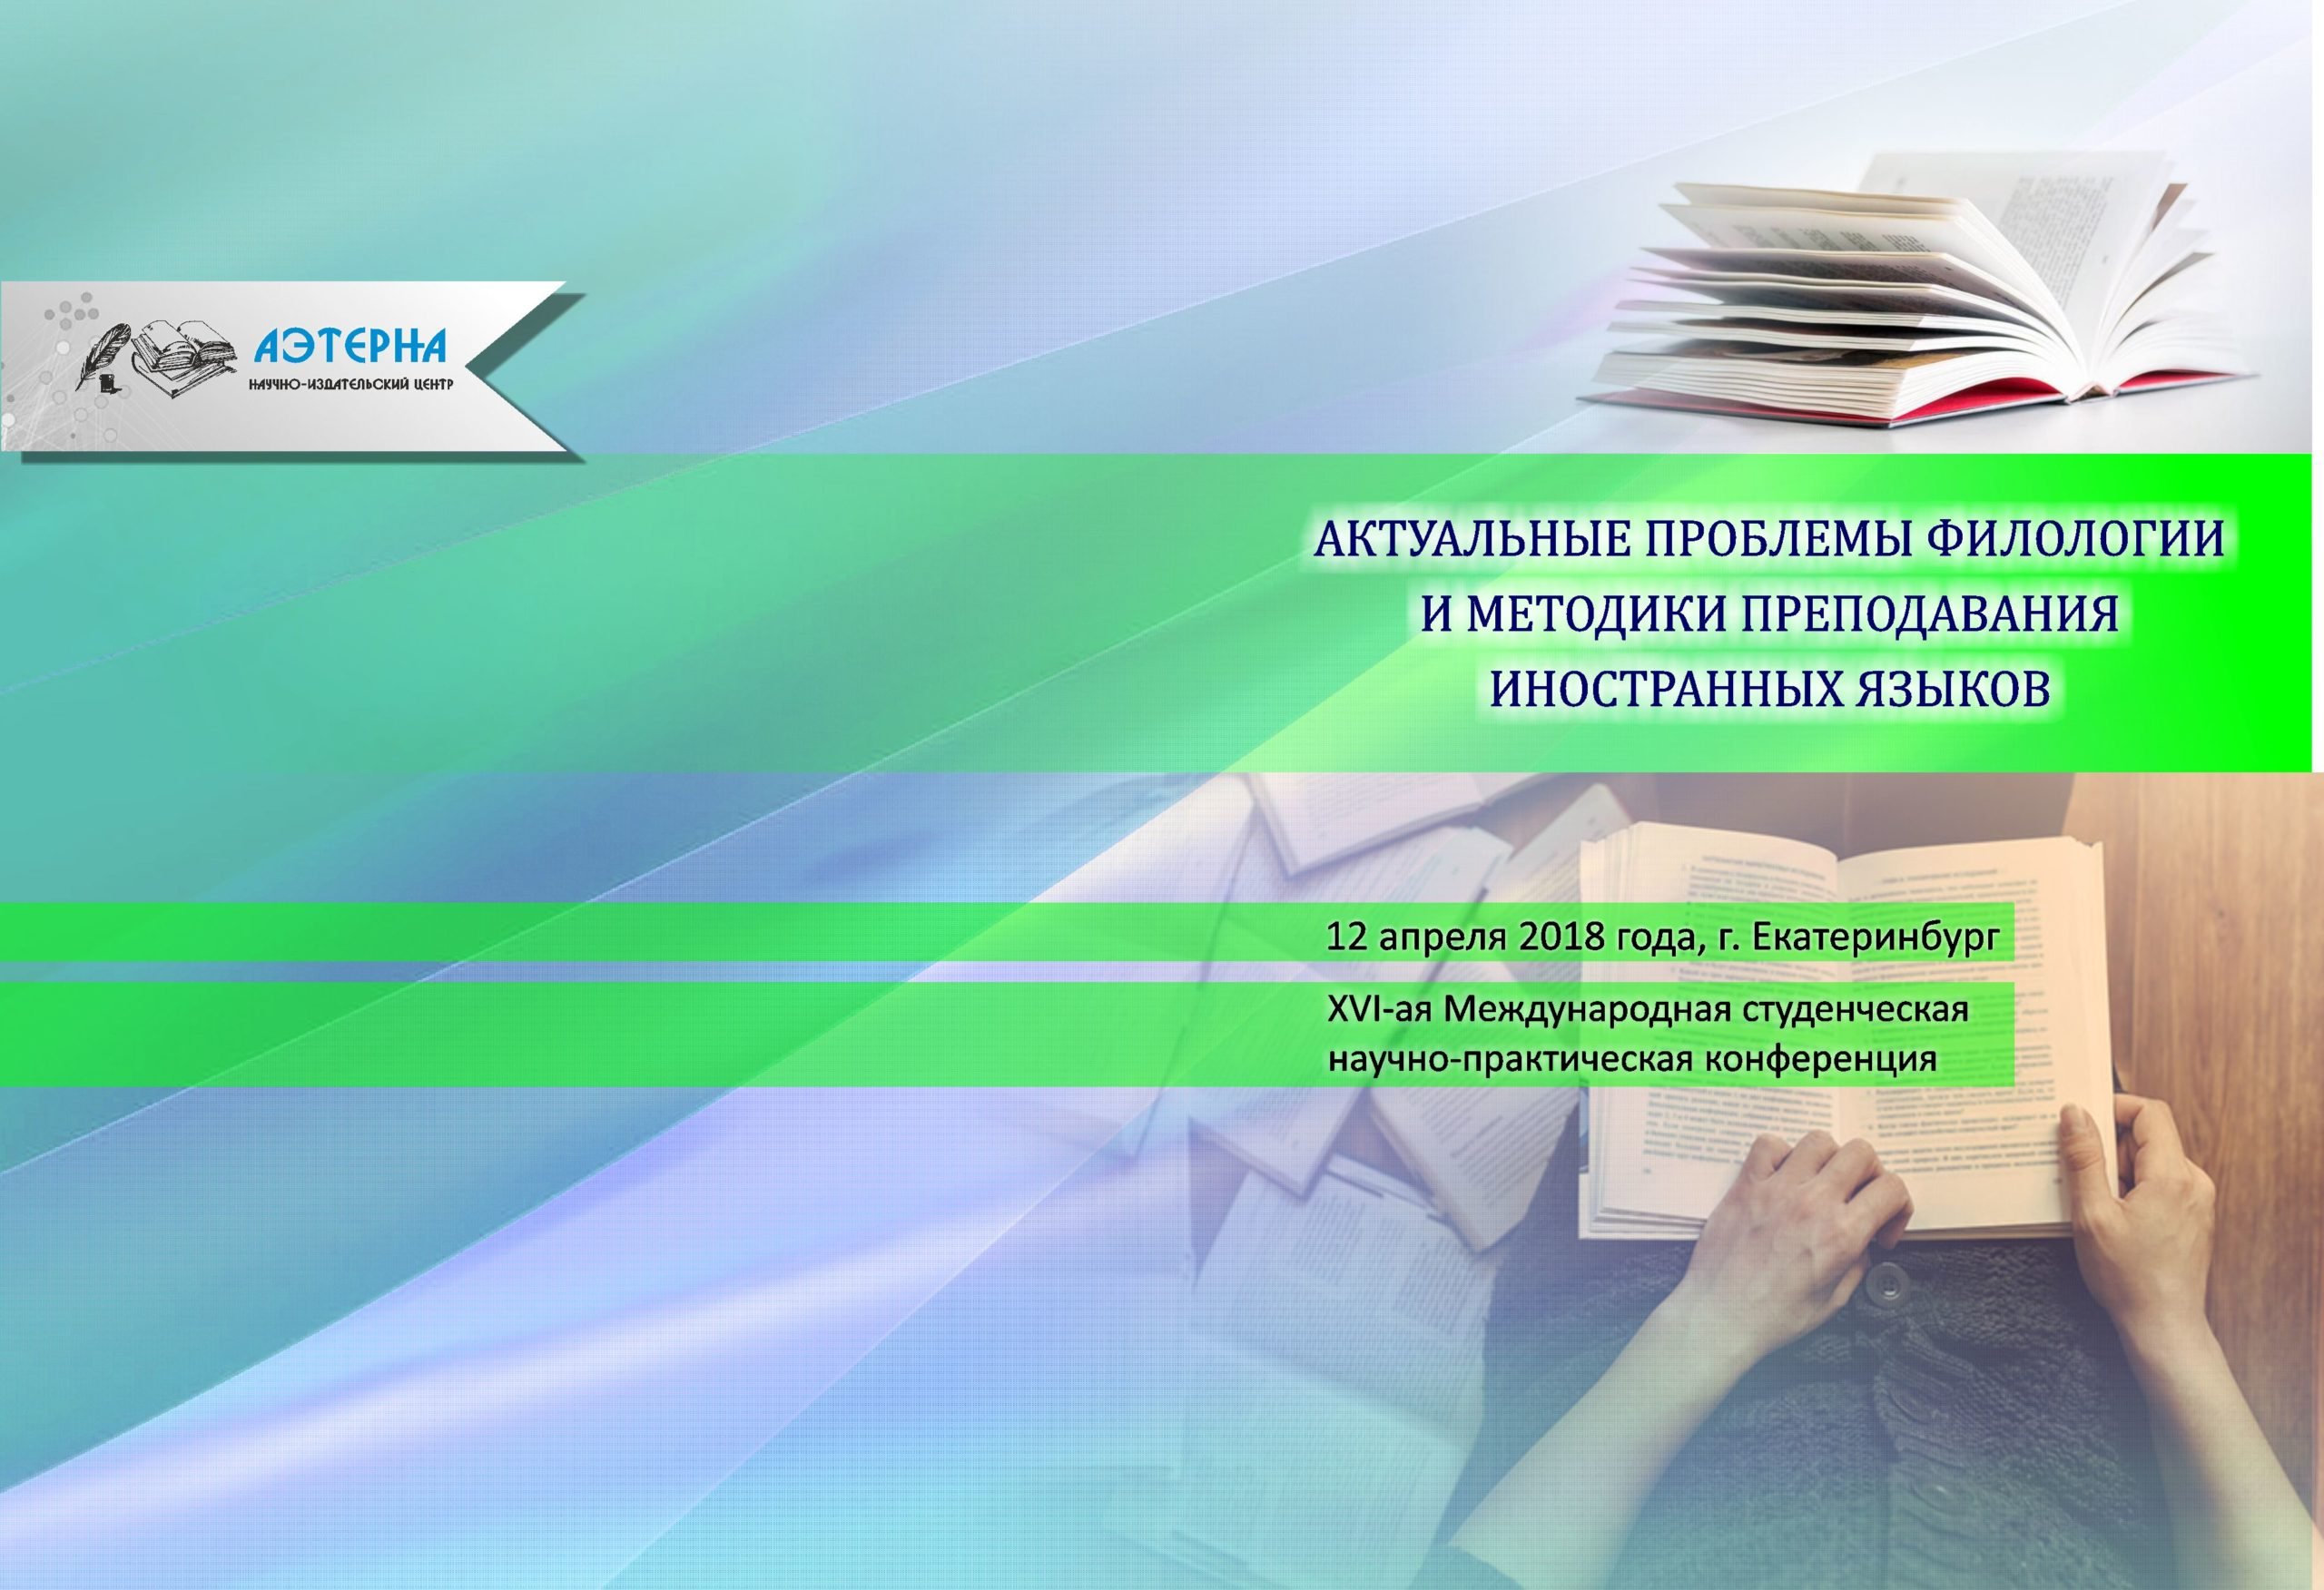 Опубликованные книги, АМИ, Агентство международных исследований